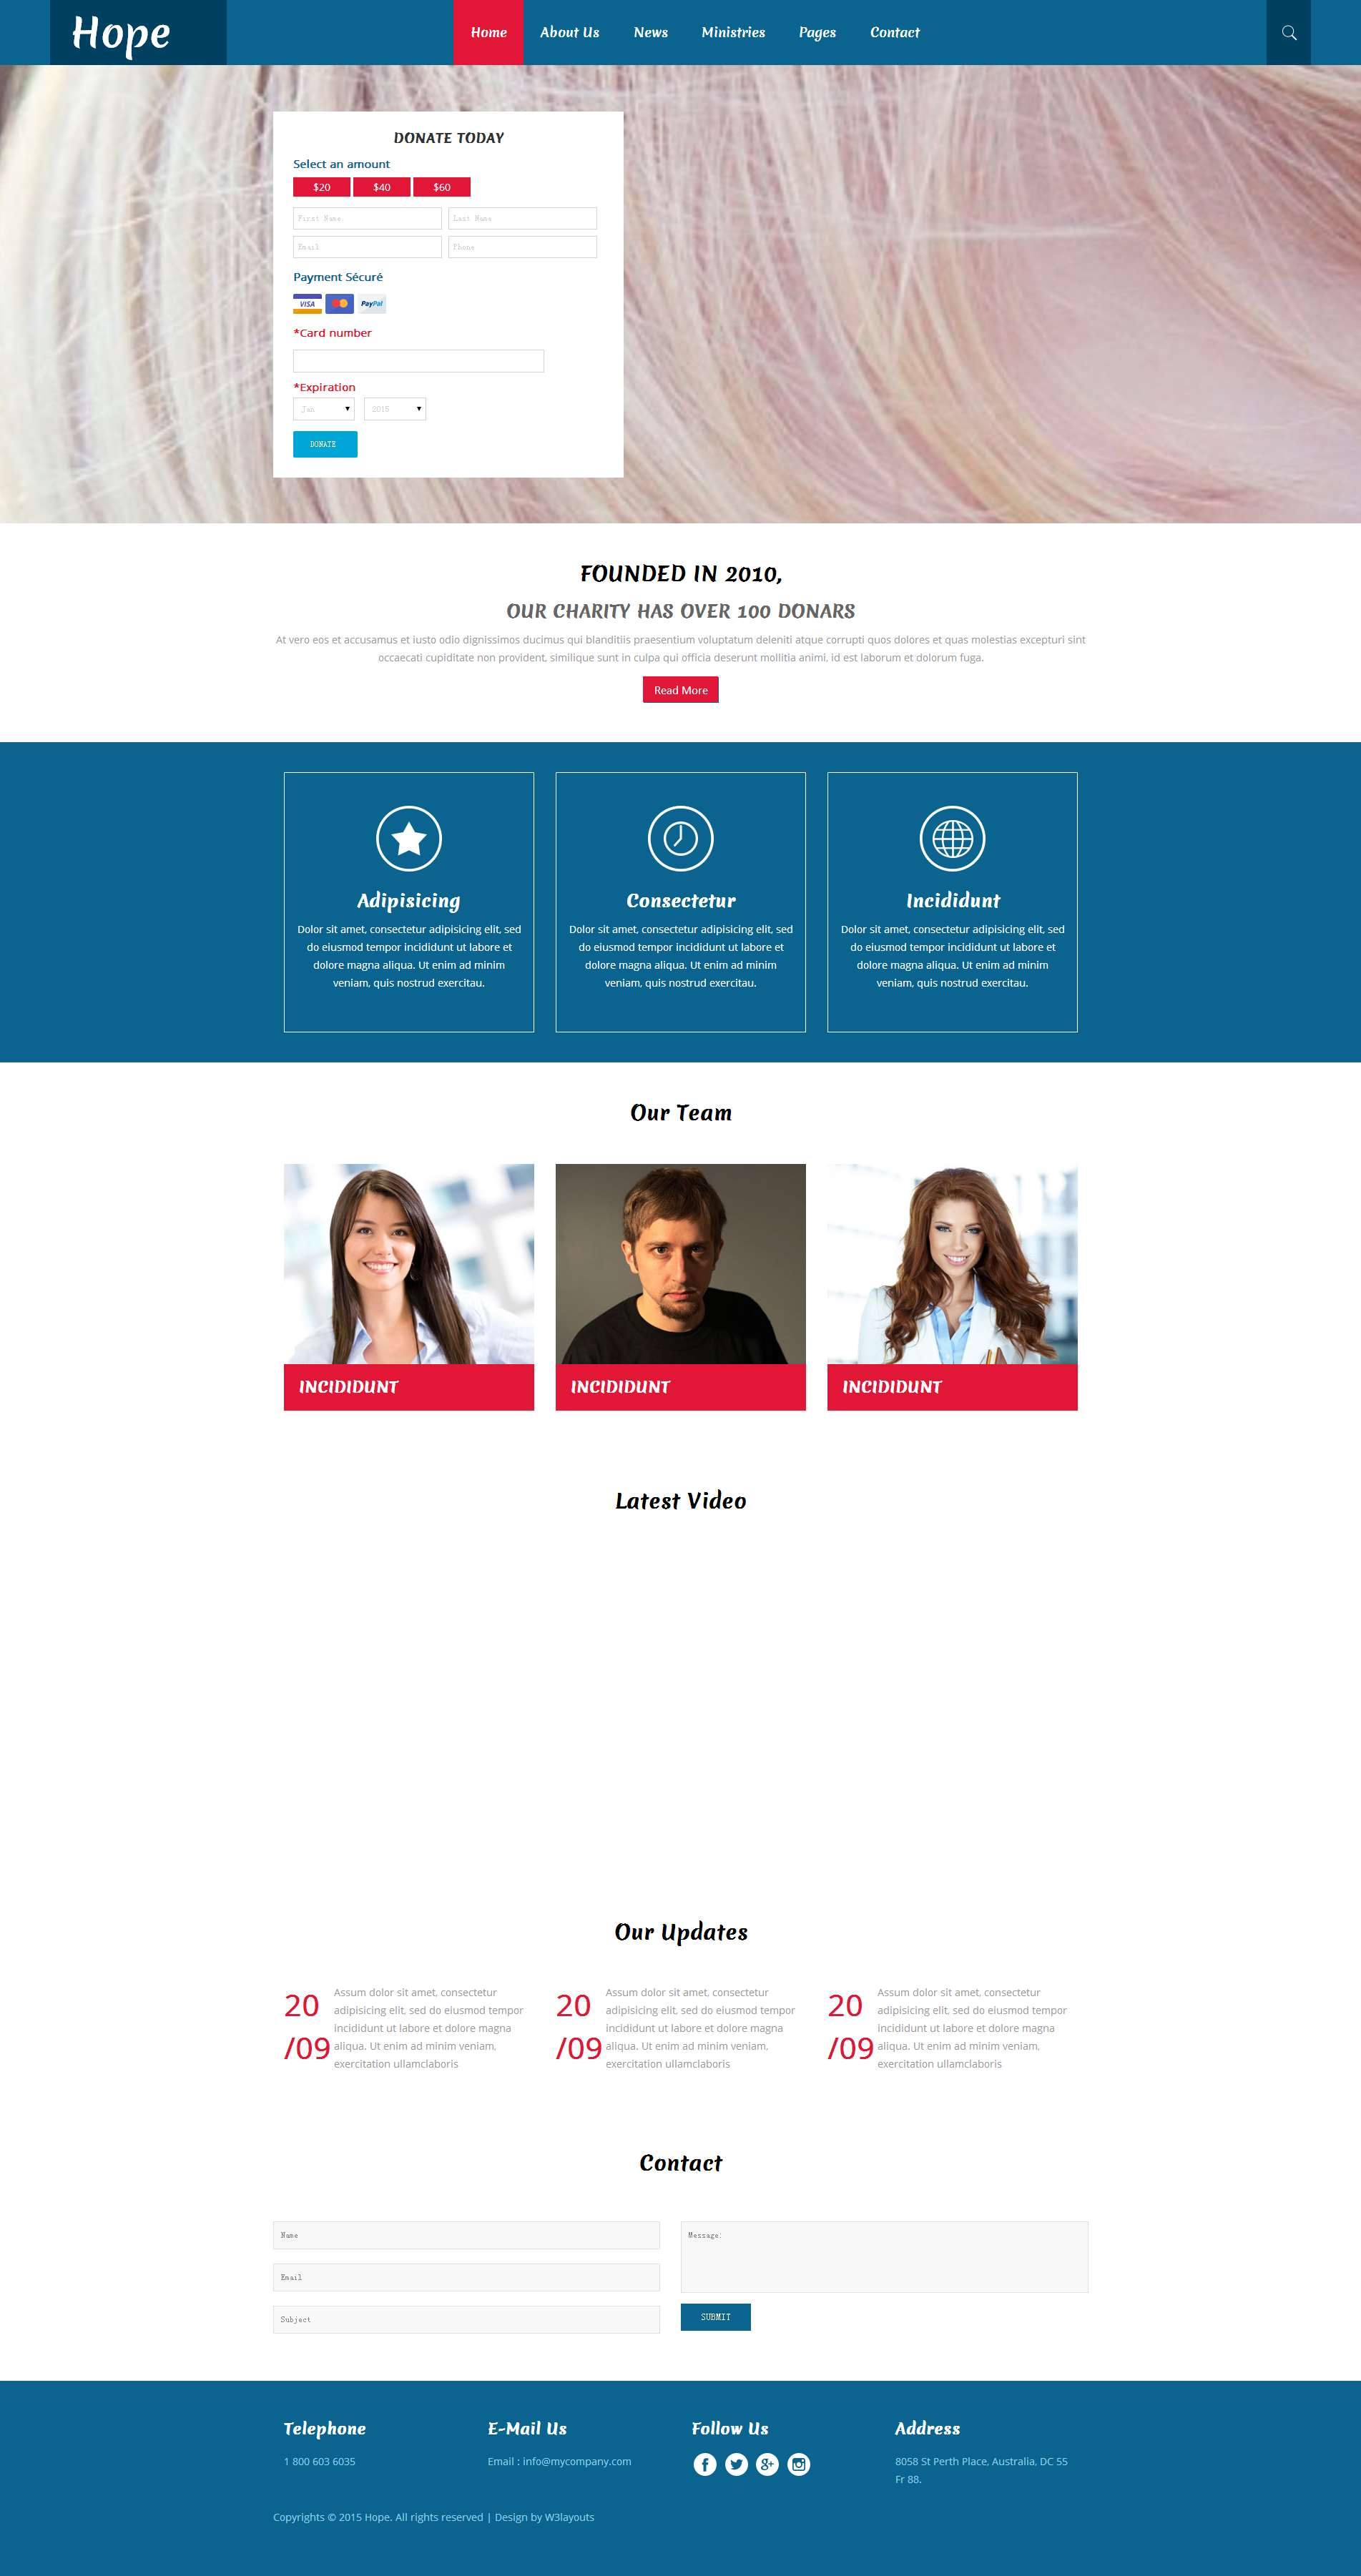 慈善捐助平台响应式网站模板